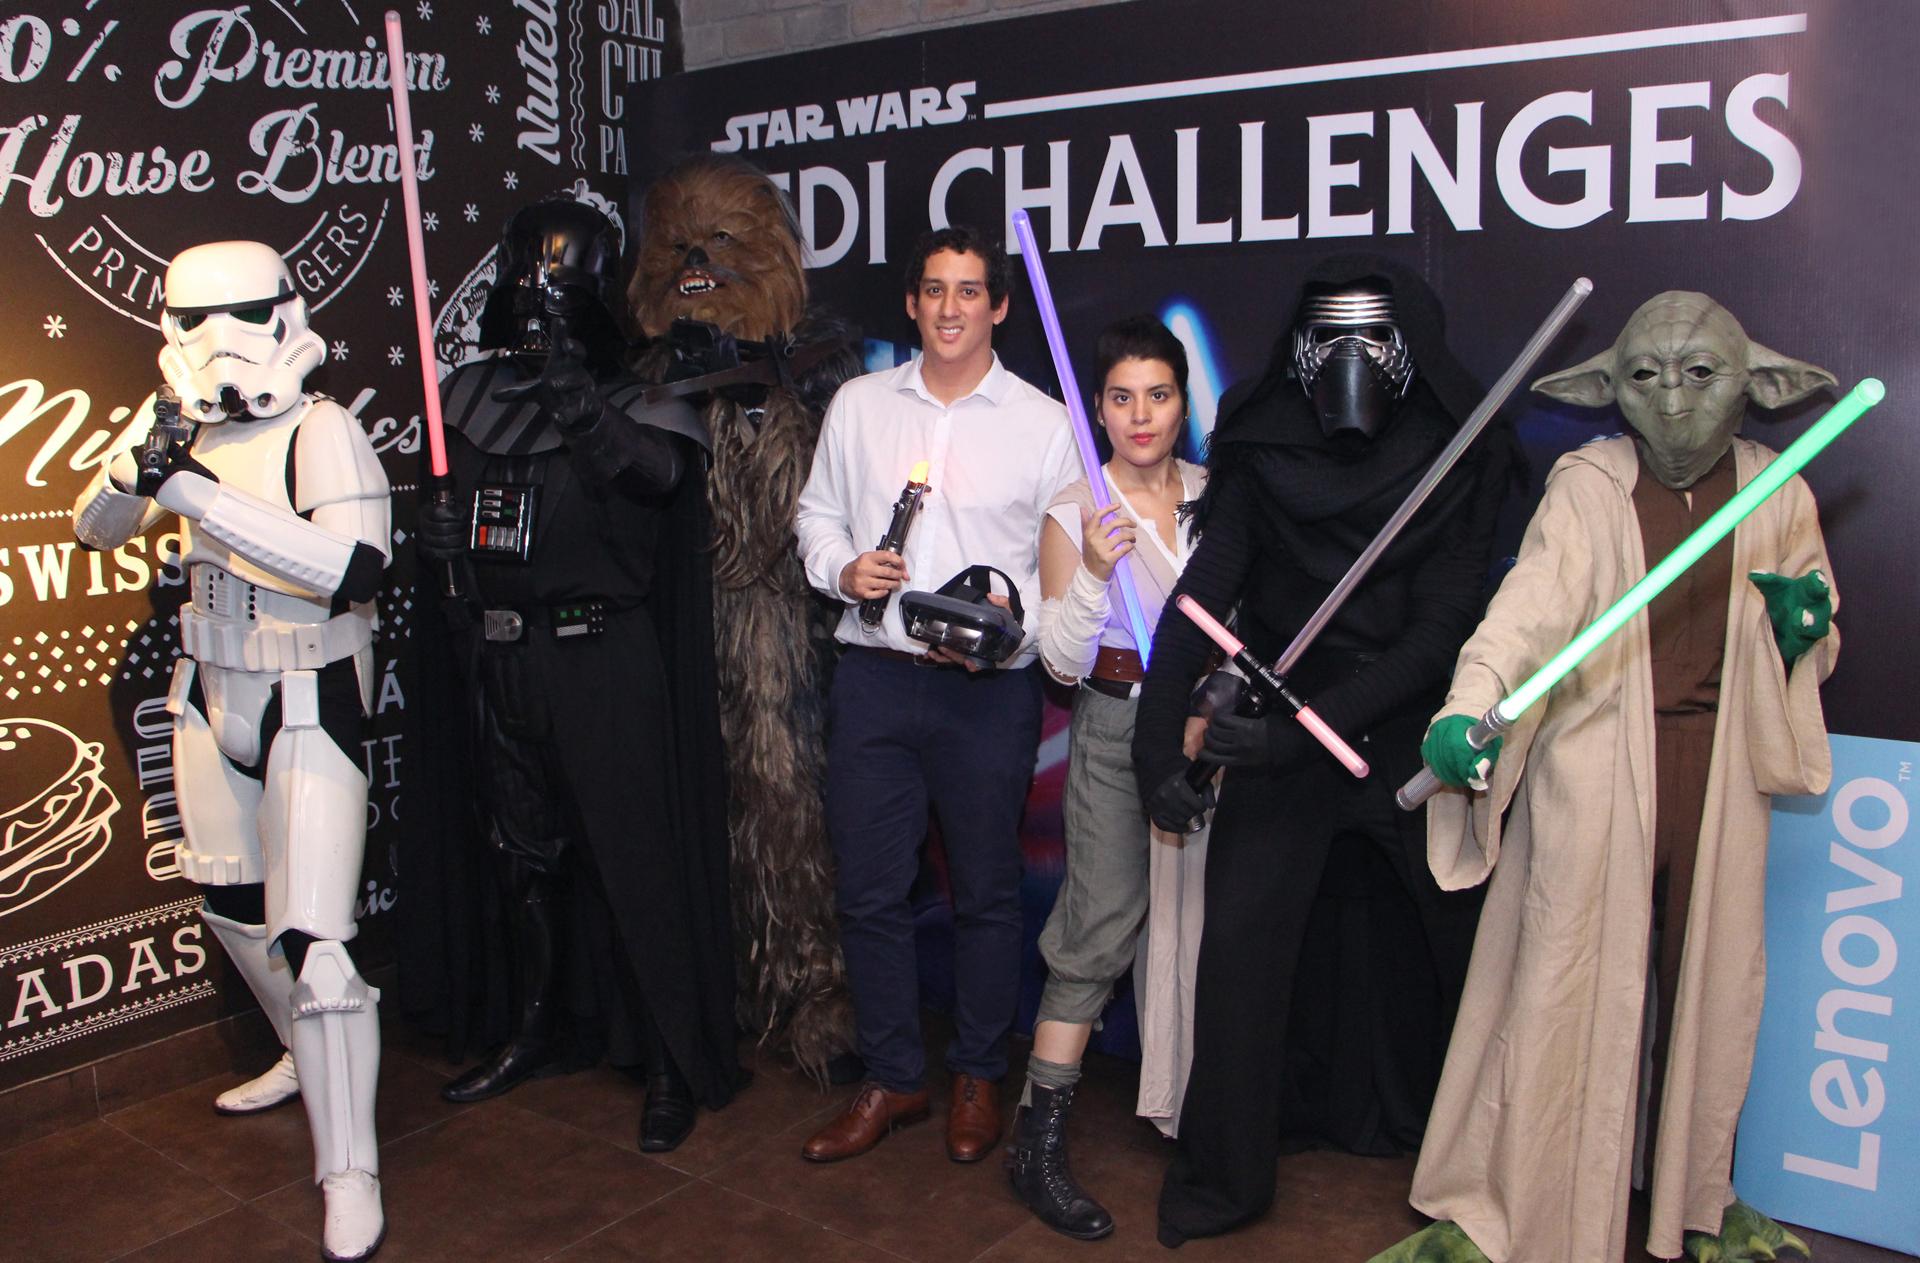 La experiencia de Star Wars: Jedi Challenges llega a Perú gracias a Lenovo y Disney